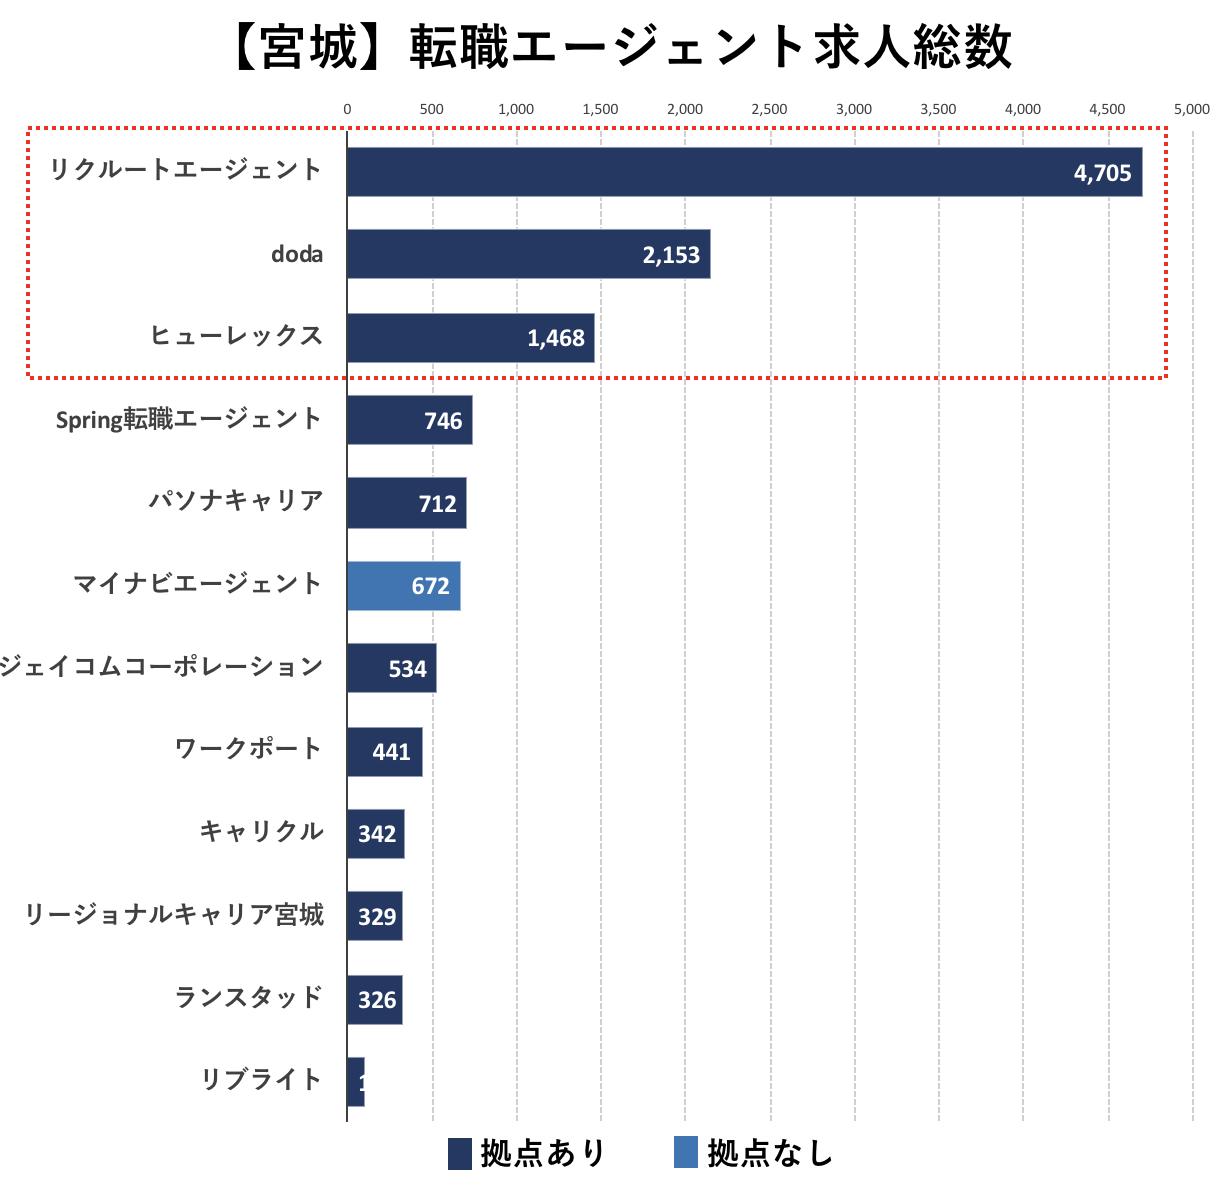 宮城の転職エージェントの求人数の比較